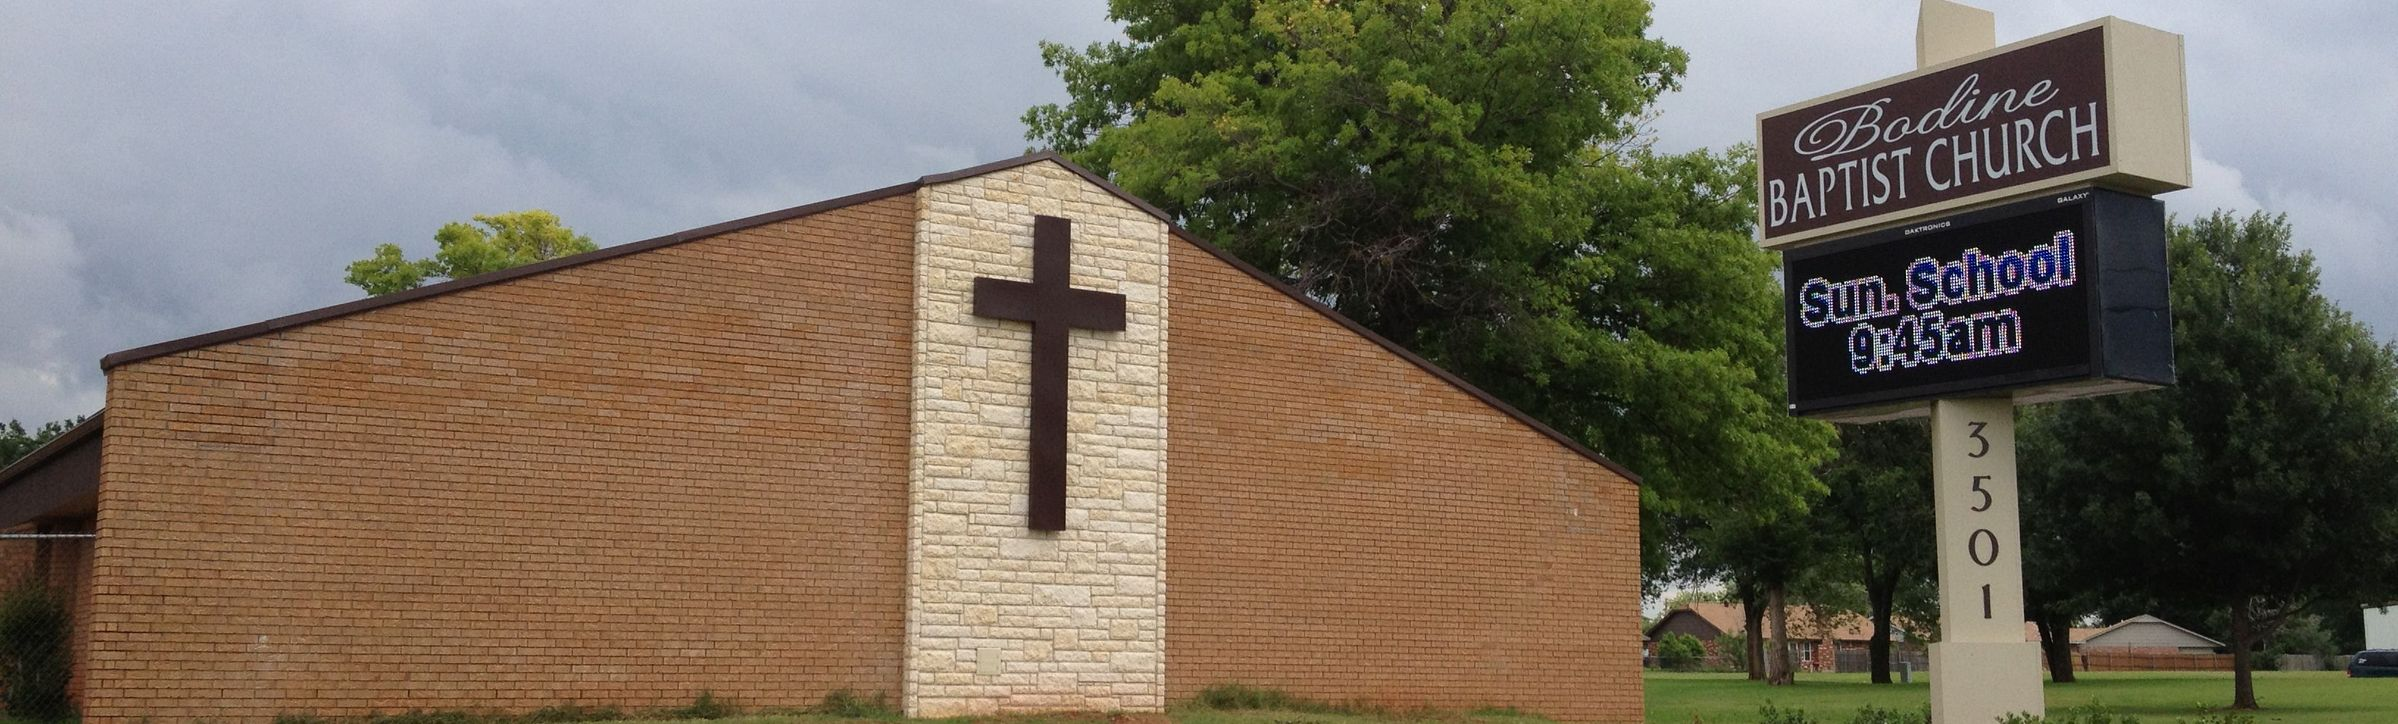 Bodine Baptist